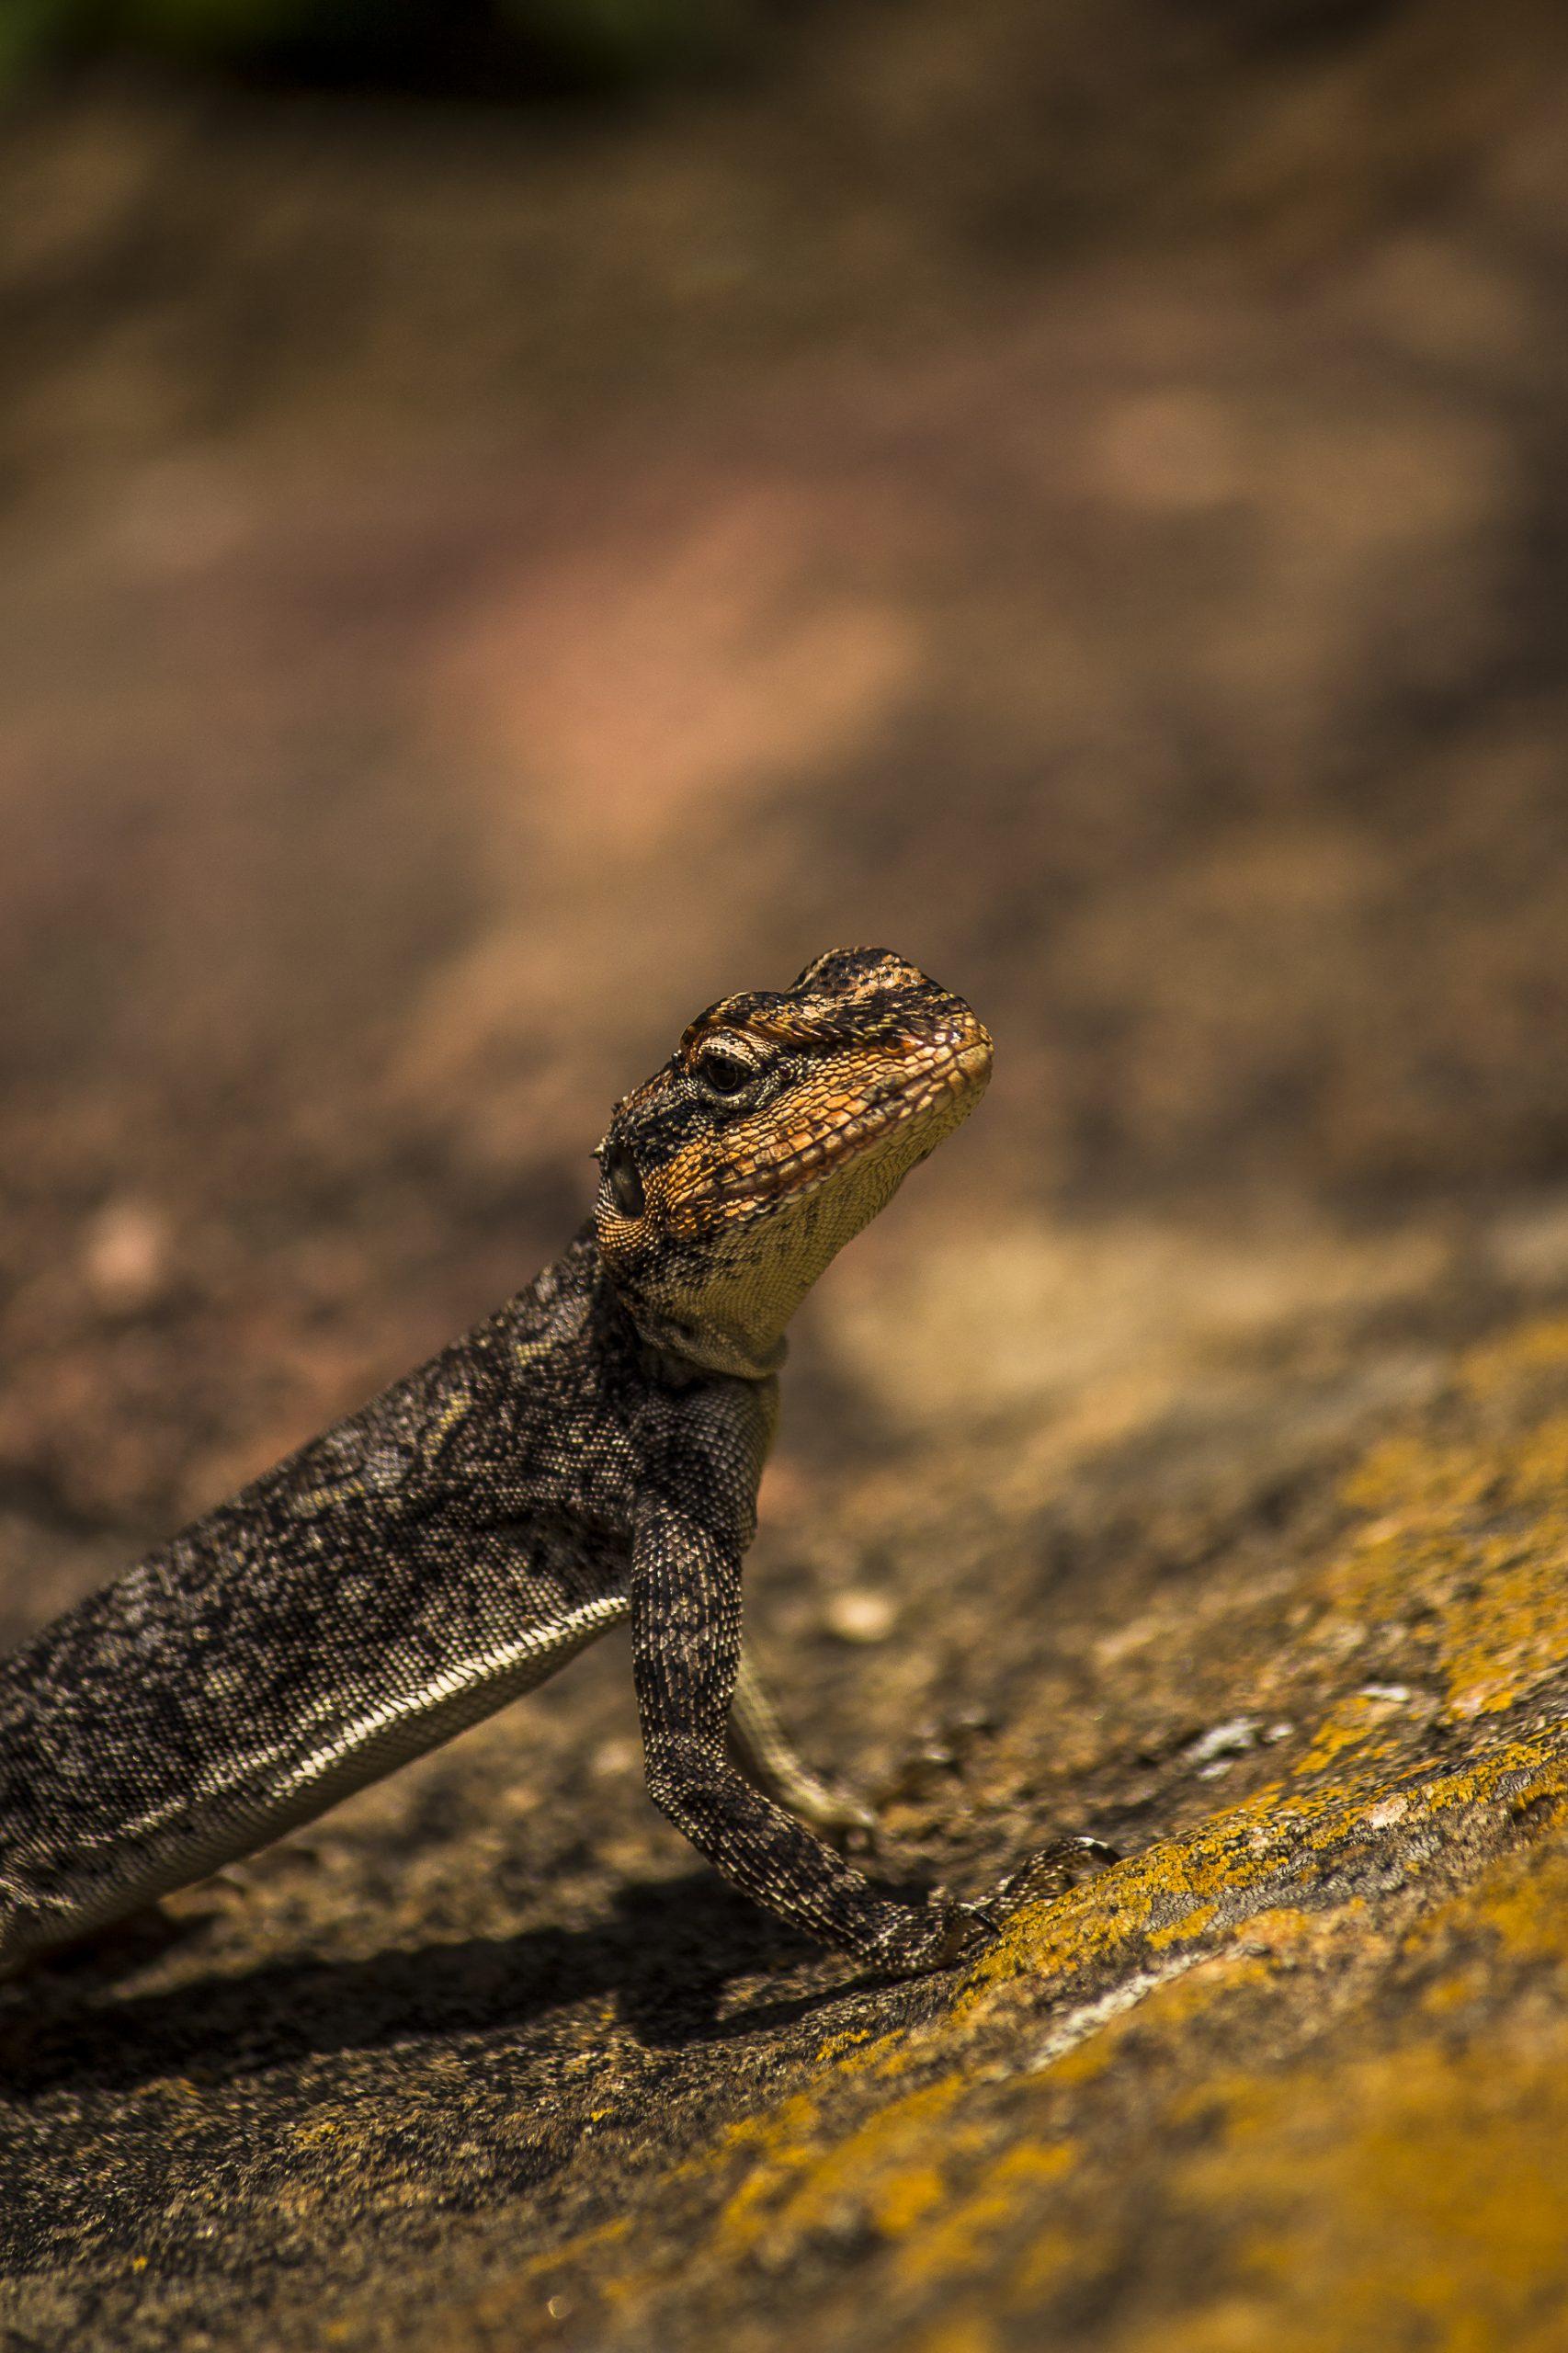 Portrait of a Garden Lizard